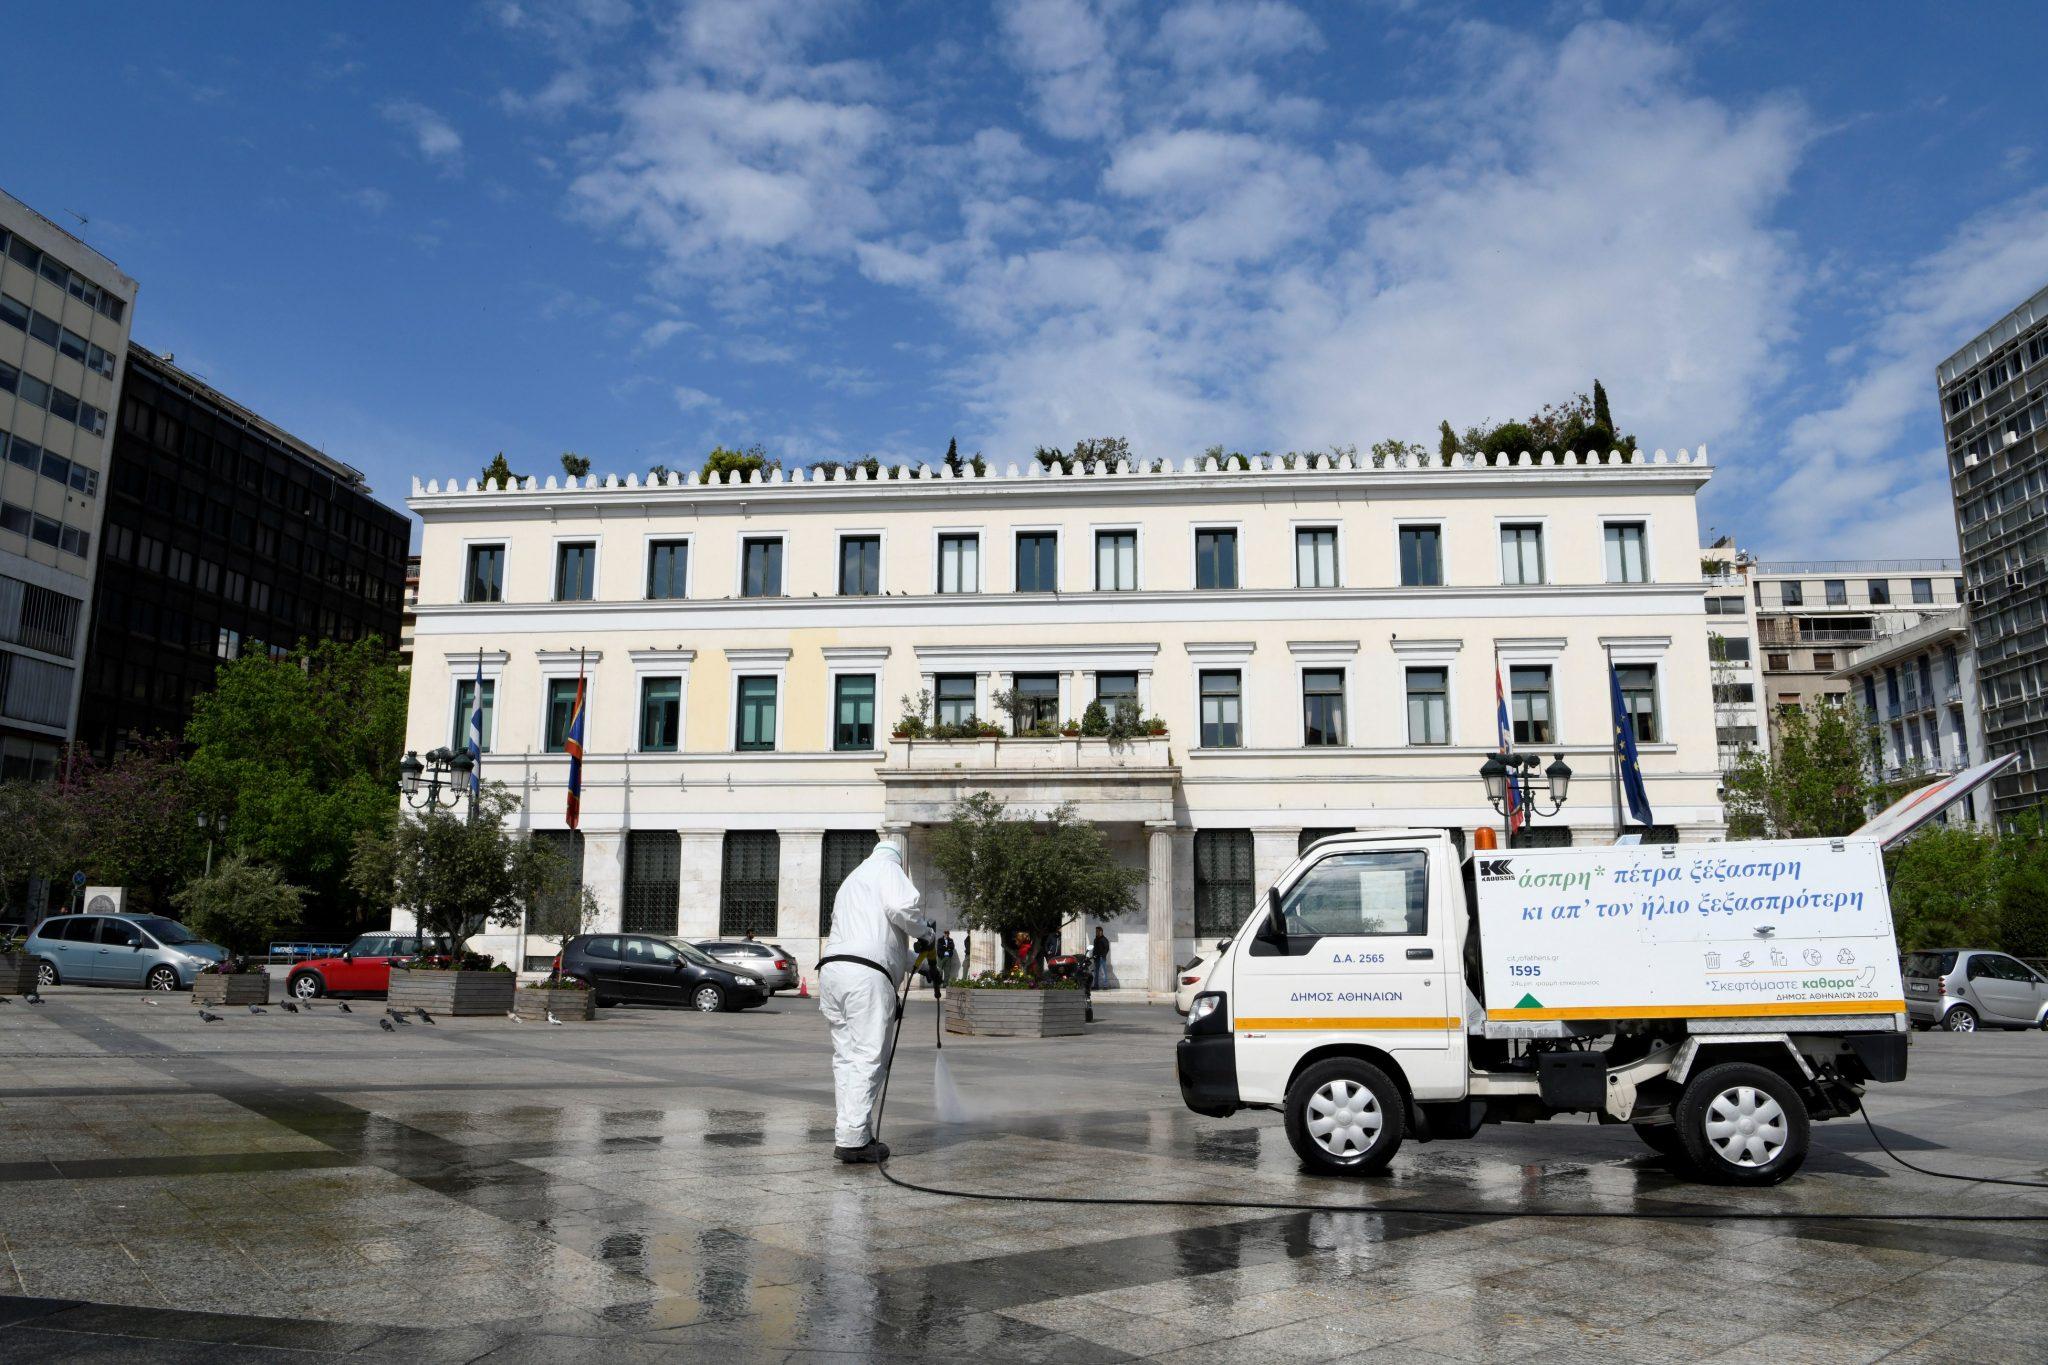 ΟΜΙΛΟΣ ΕΛΠΕ: Δωρεάν καύσιμα ΕΚΟ στον Δήμο Αθηναίων για τον στόλο απολυμάνσεων